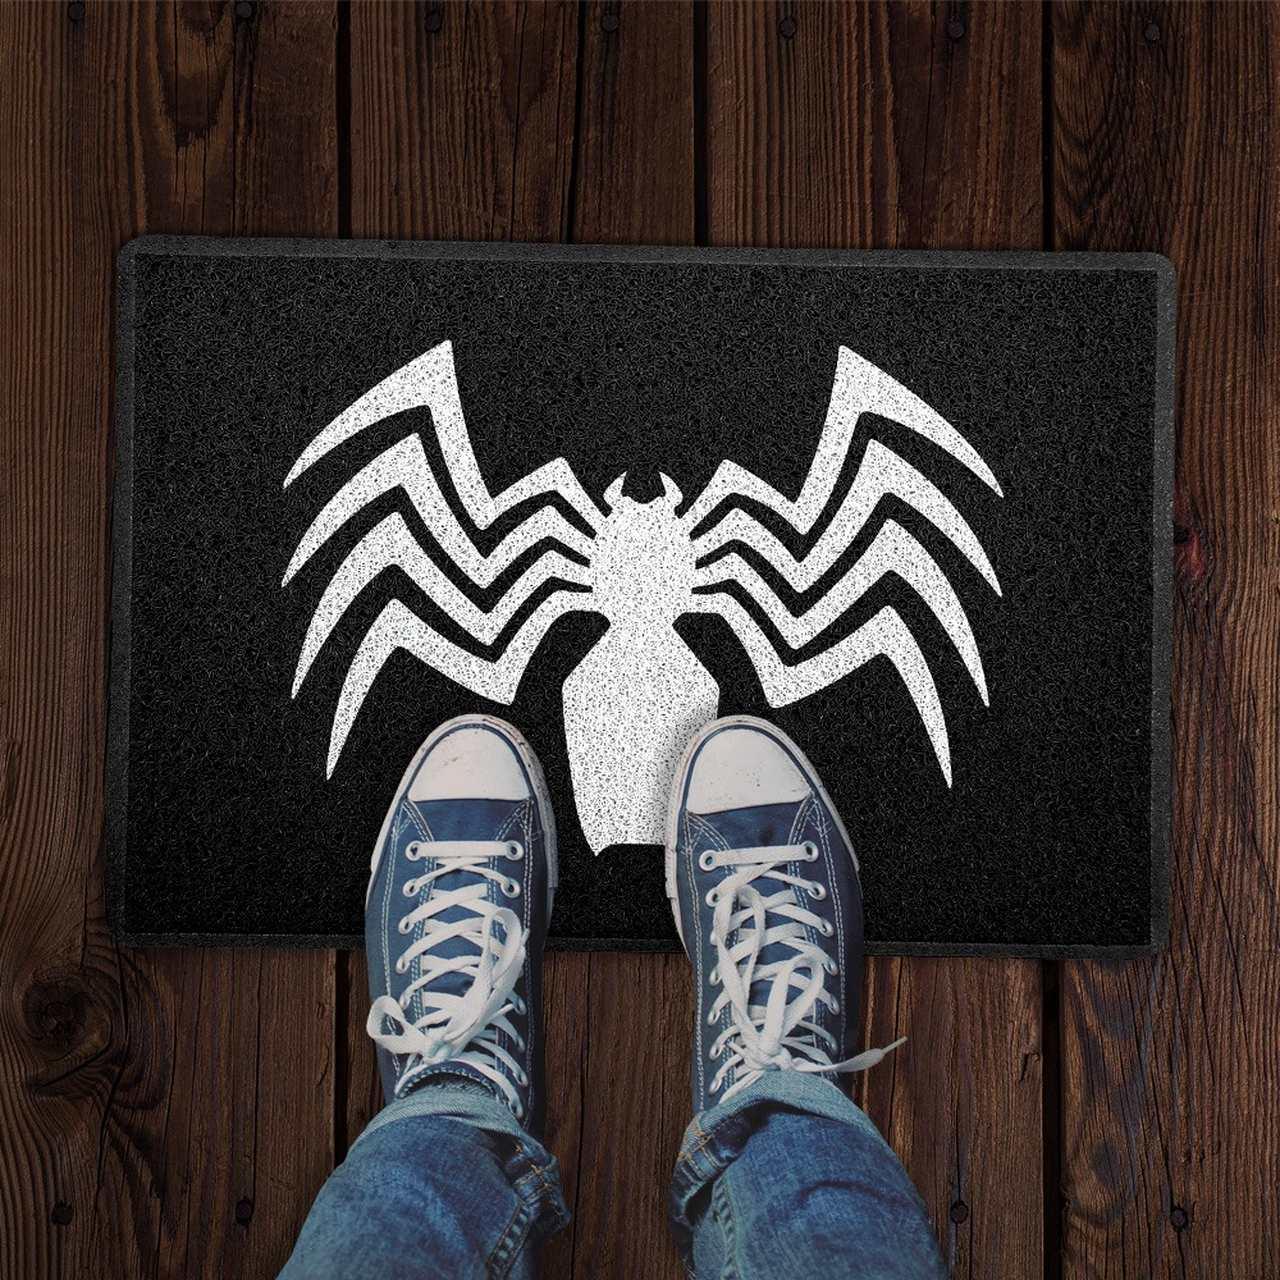 Capacho Aranha (Frente): Venom (Marvel Comics)